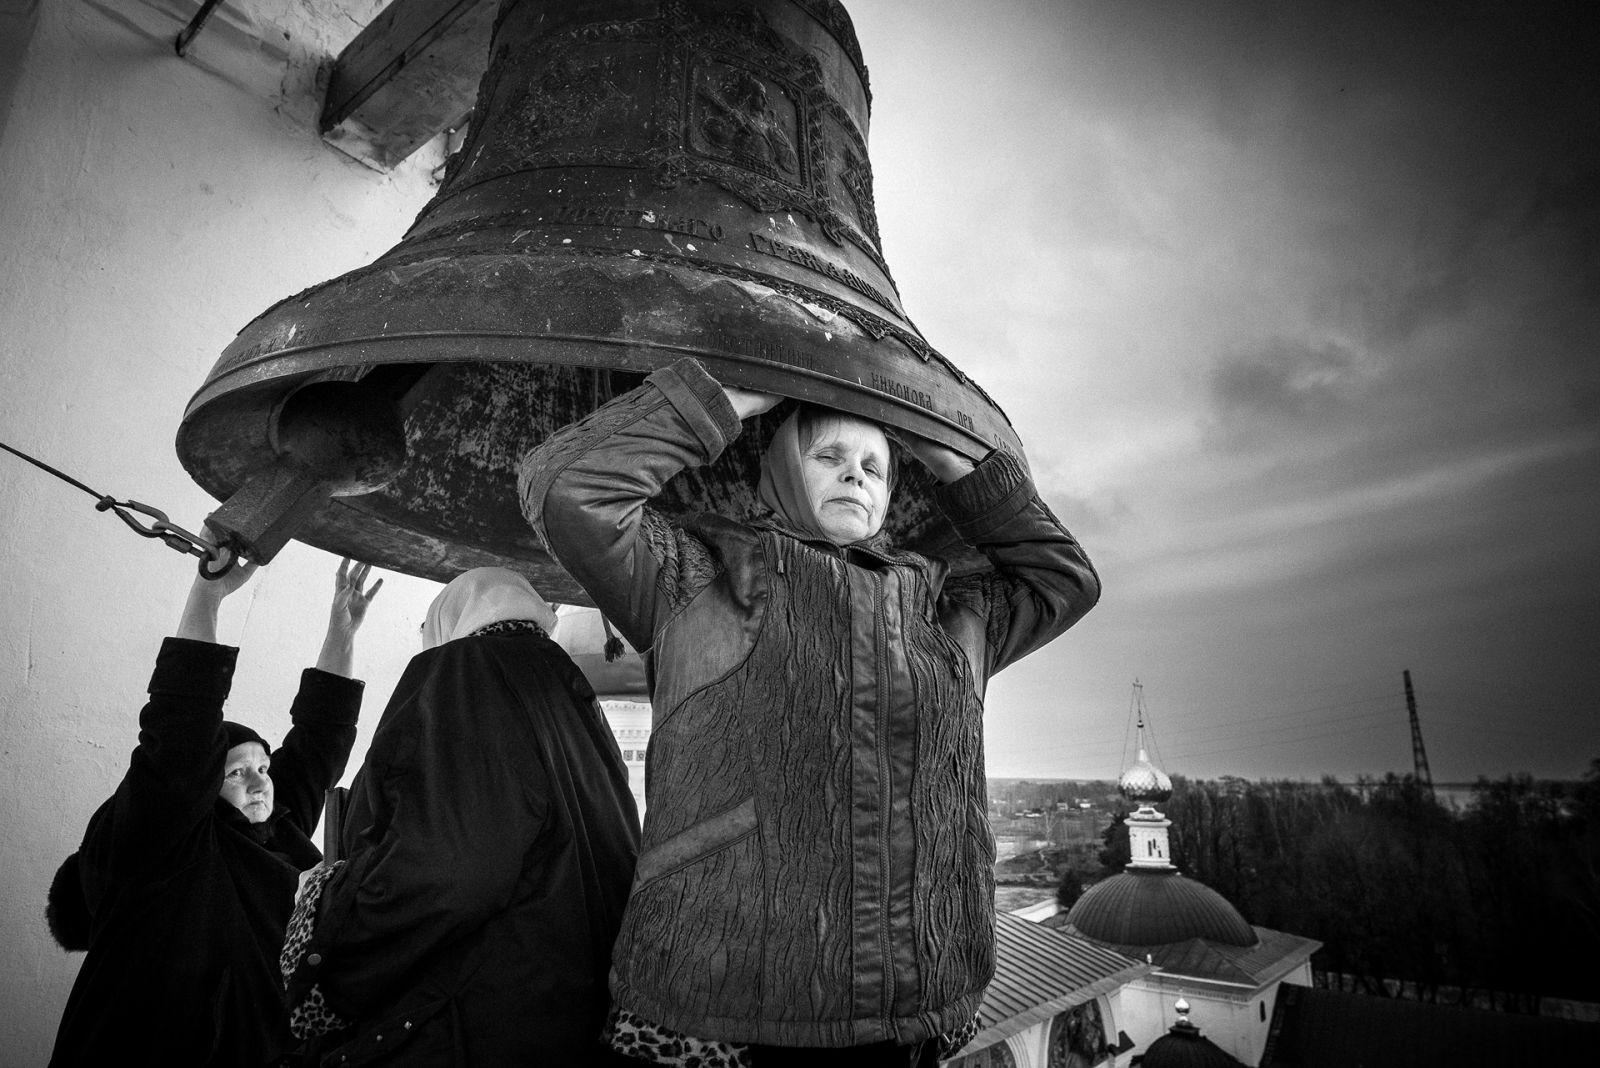 Пасха, © Владимир Орлов, Место съемки: Свято-Введенский Толгский женский монастырь, Номинация «Культурное наследие», Фотоконкурс «Самая красивая страна»